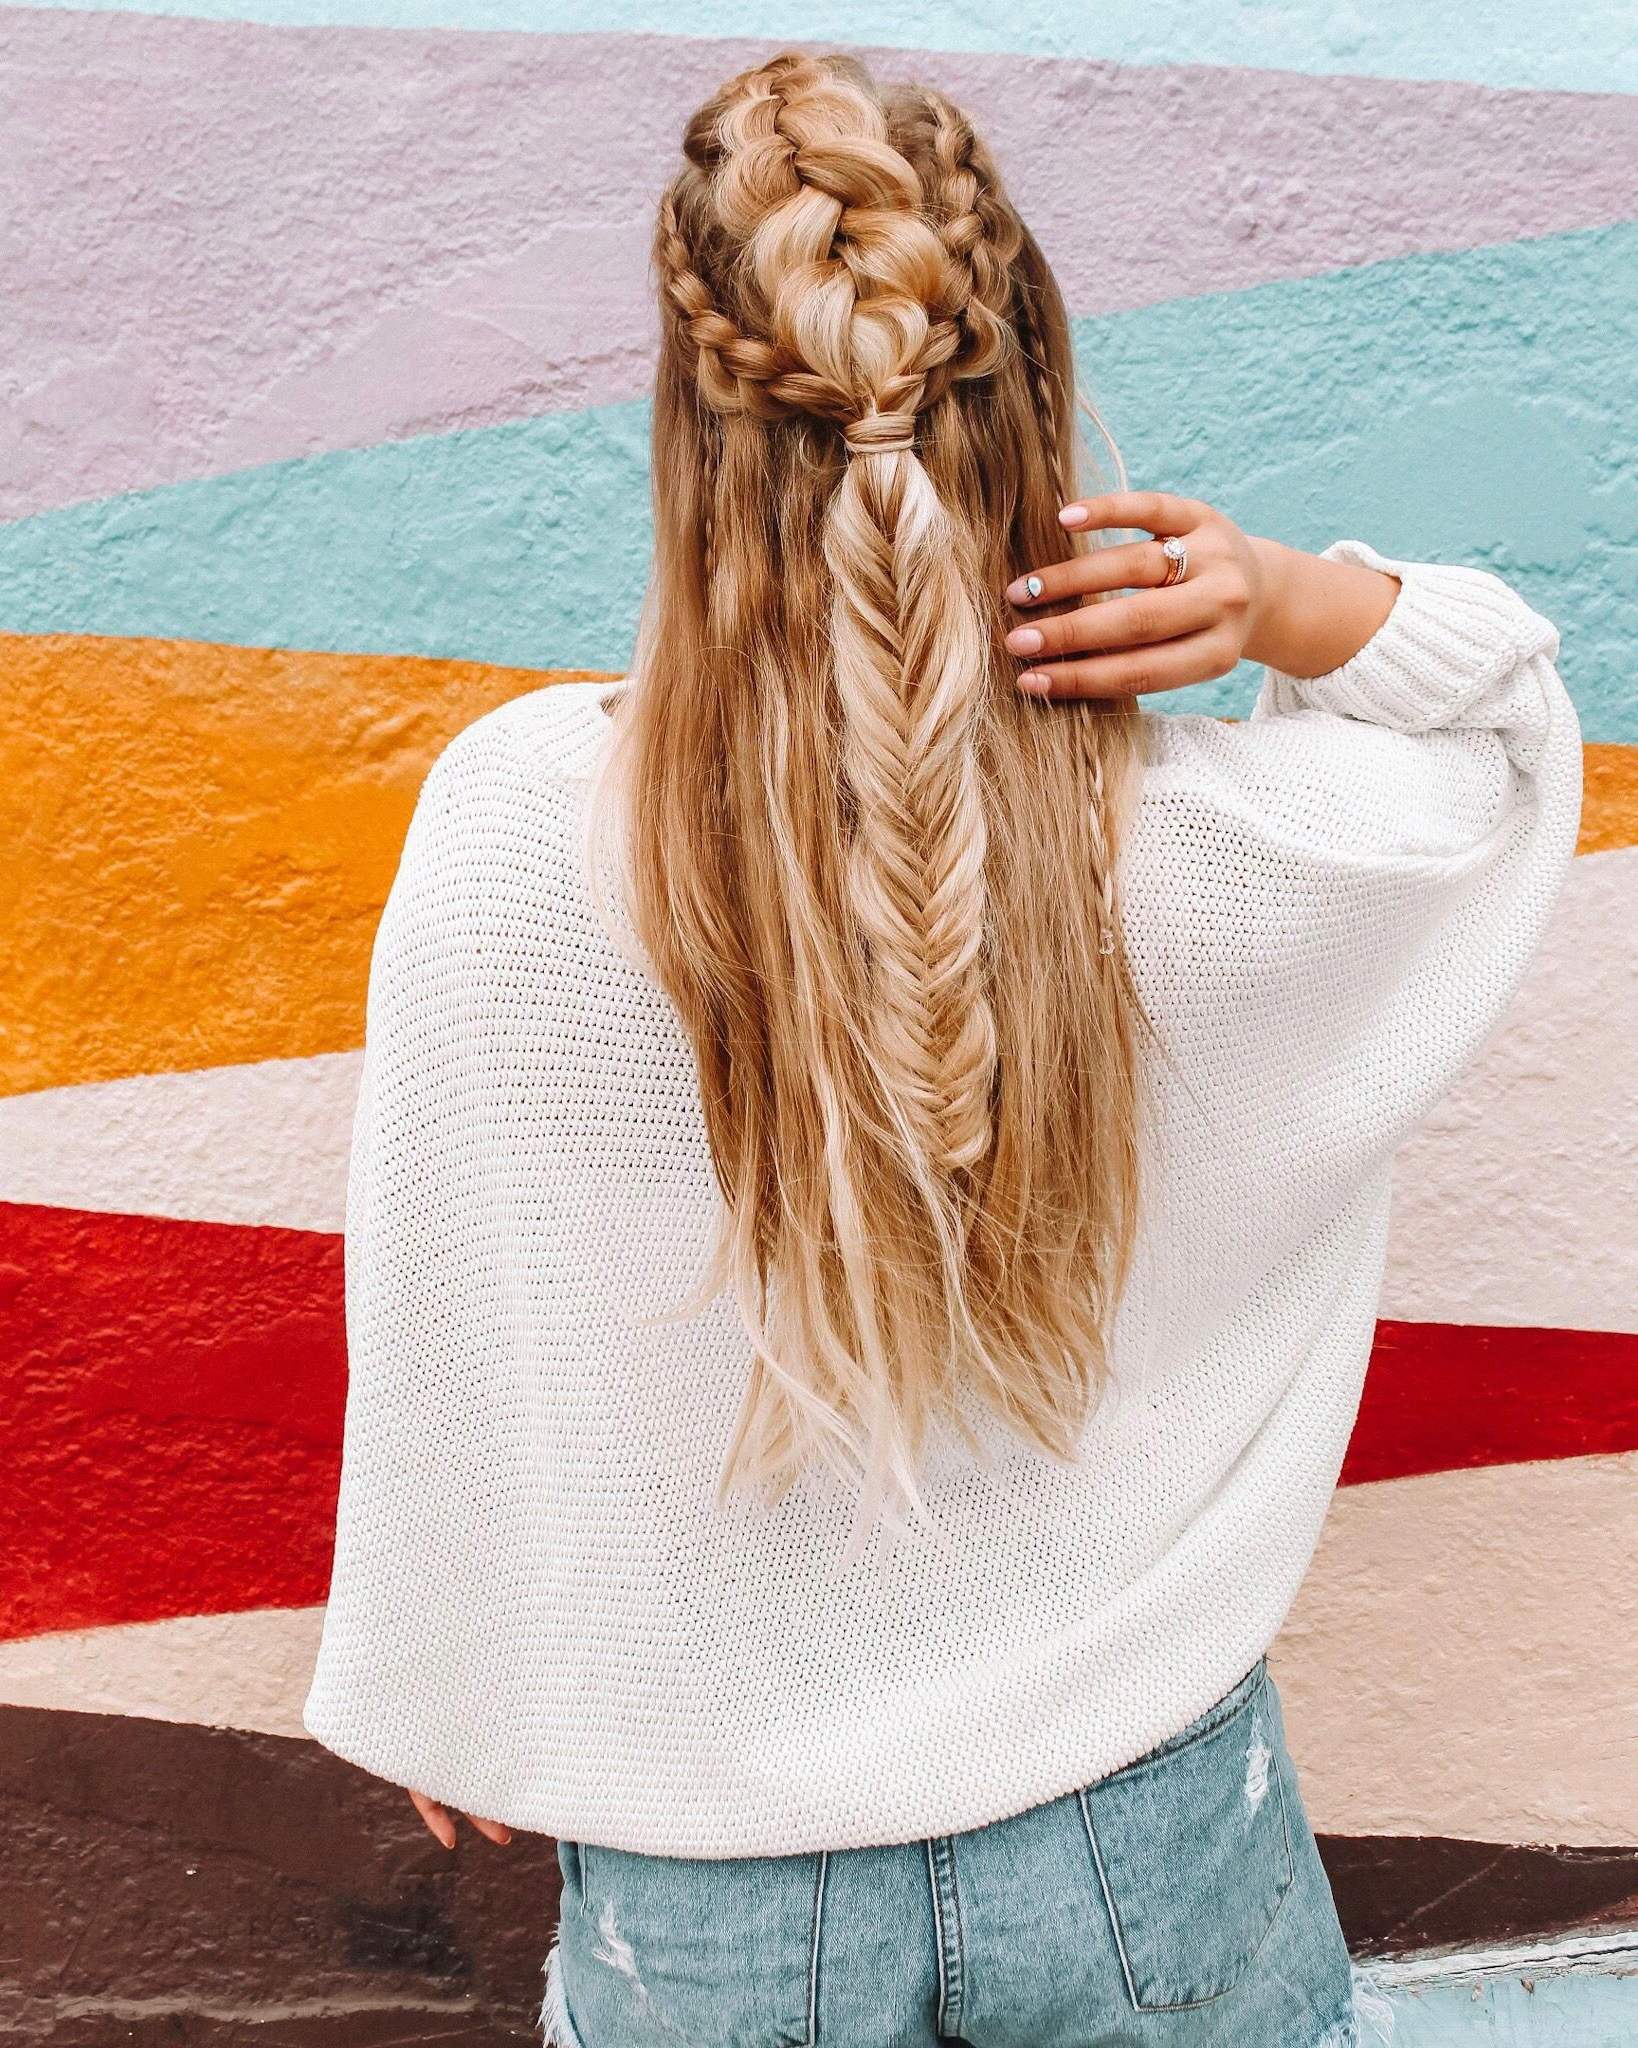 Mermaid Braid, Braids, Hair Styles With Regard To Newest Mermaid Side Braid Hairstyles (View 8 of 20)